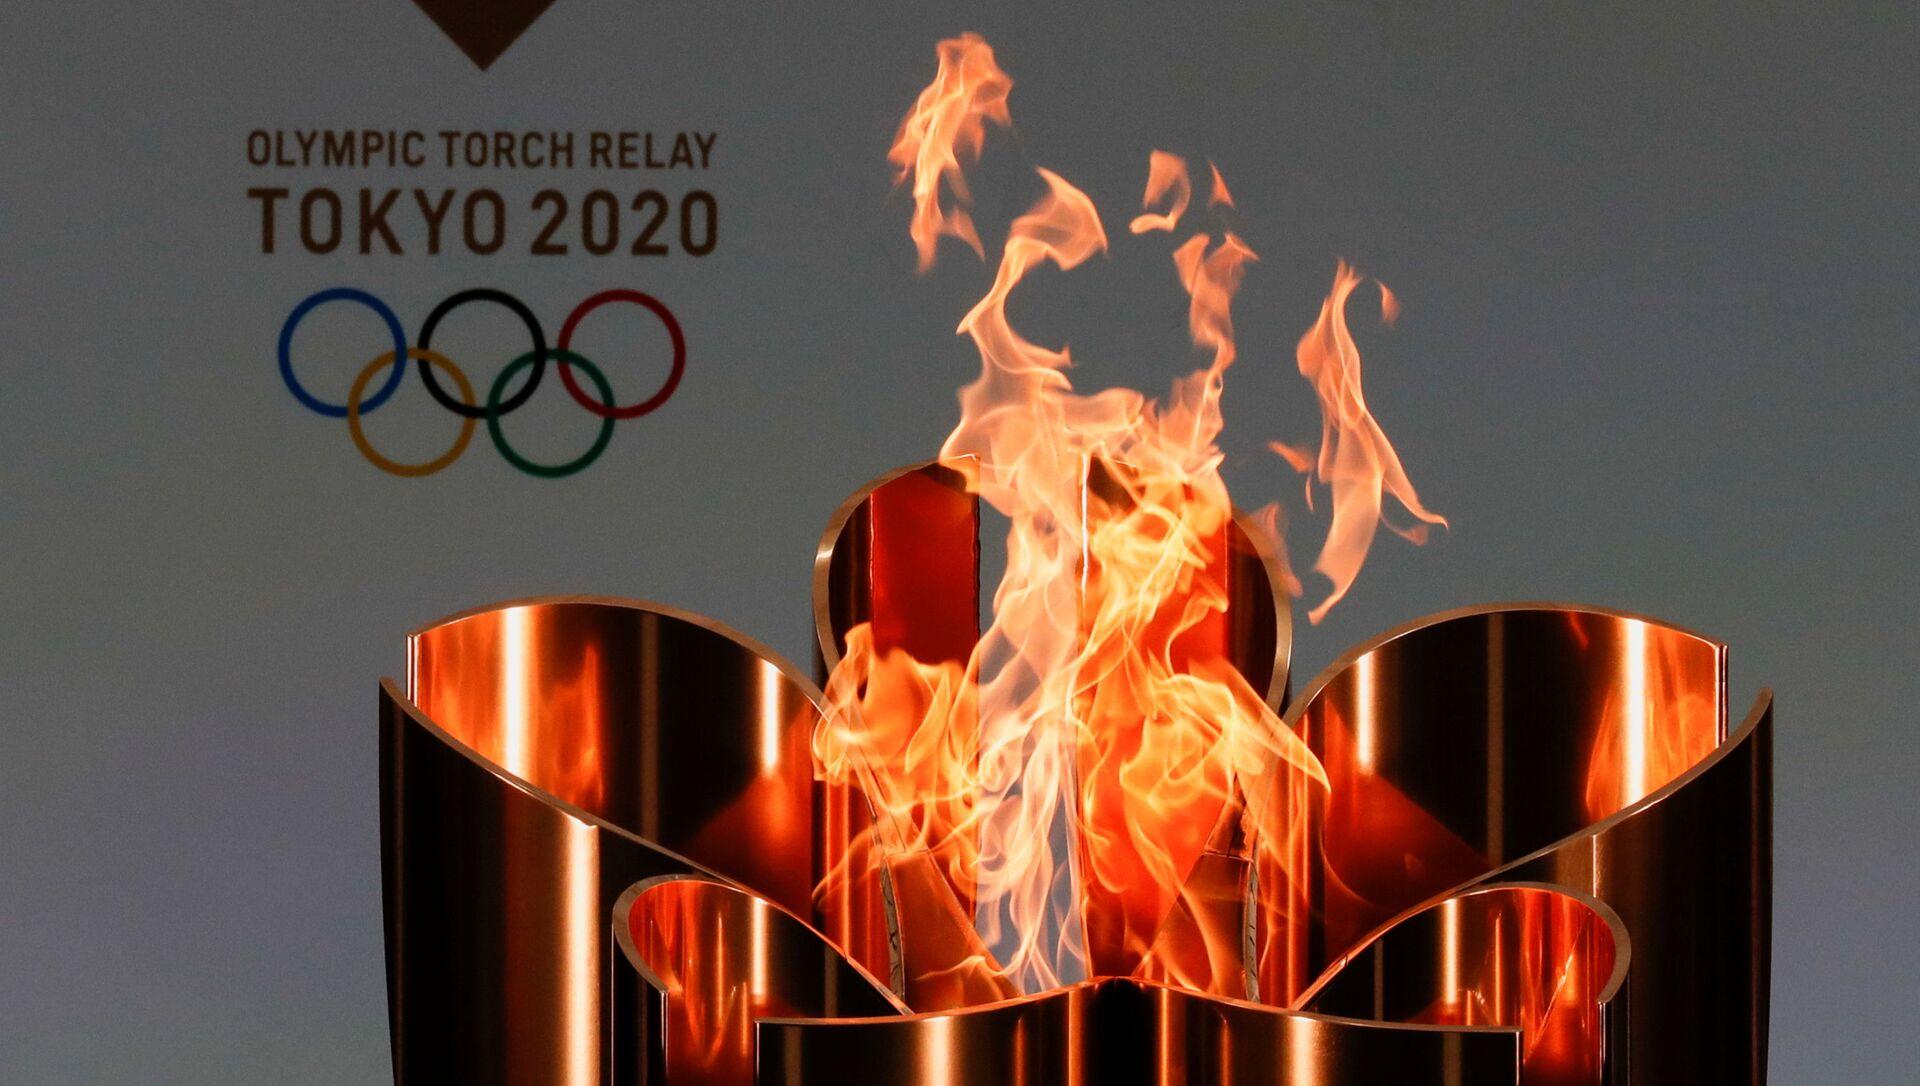 Ngọn lửa olympic của Thế vận hội Olympic ở Tokyo-2020. - Sputnik Việt Nam, 1920, 05.07.2021